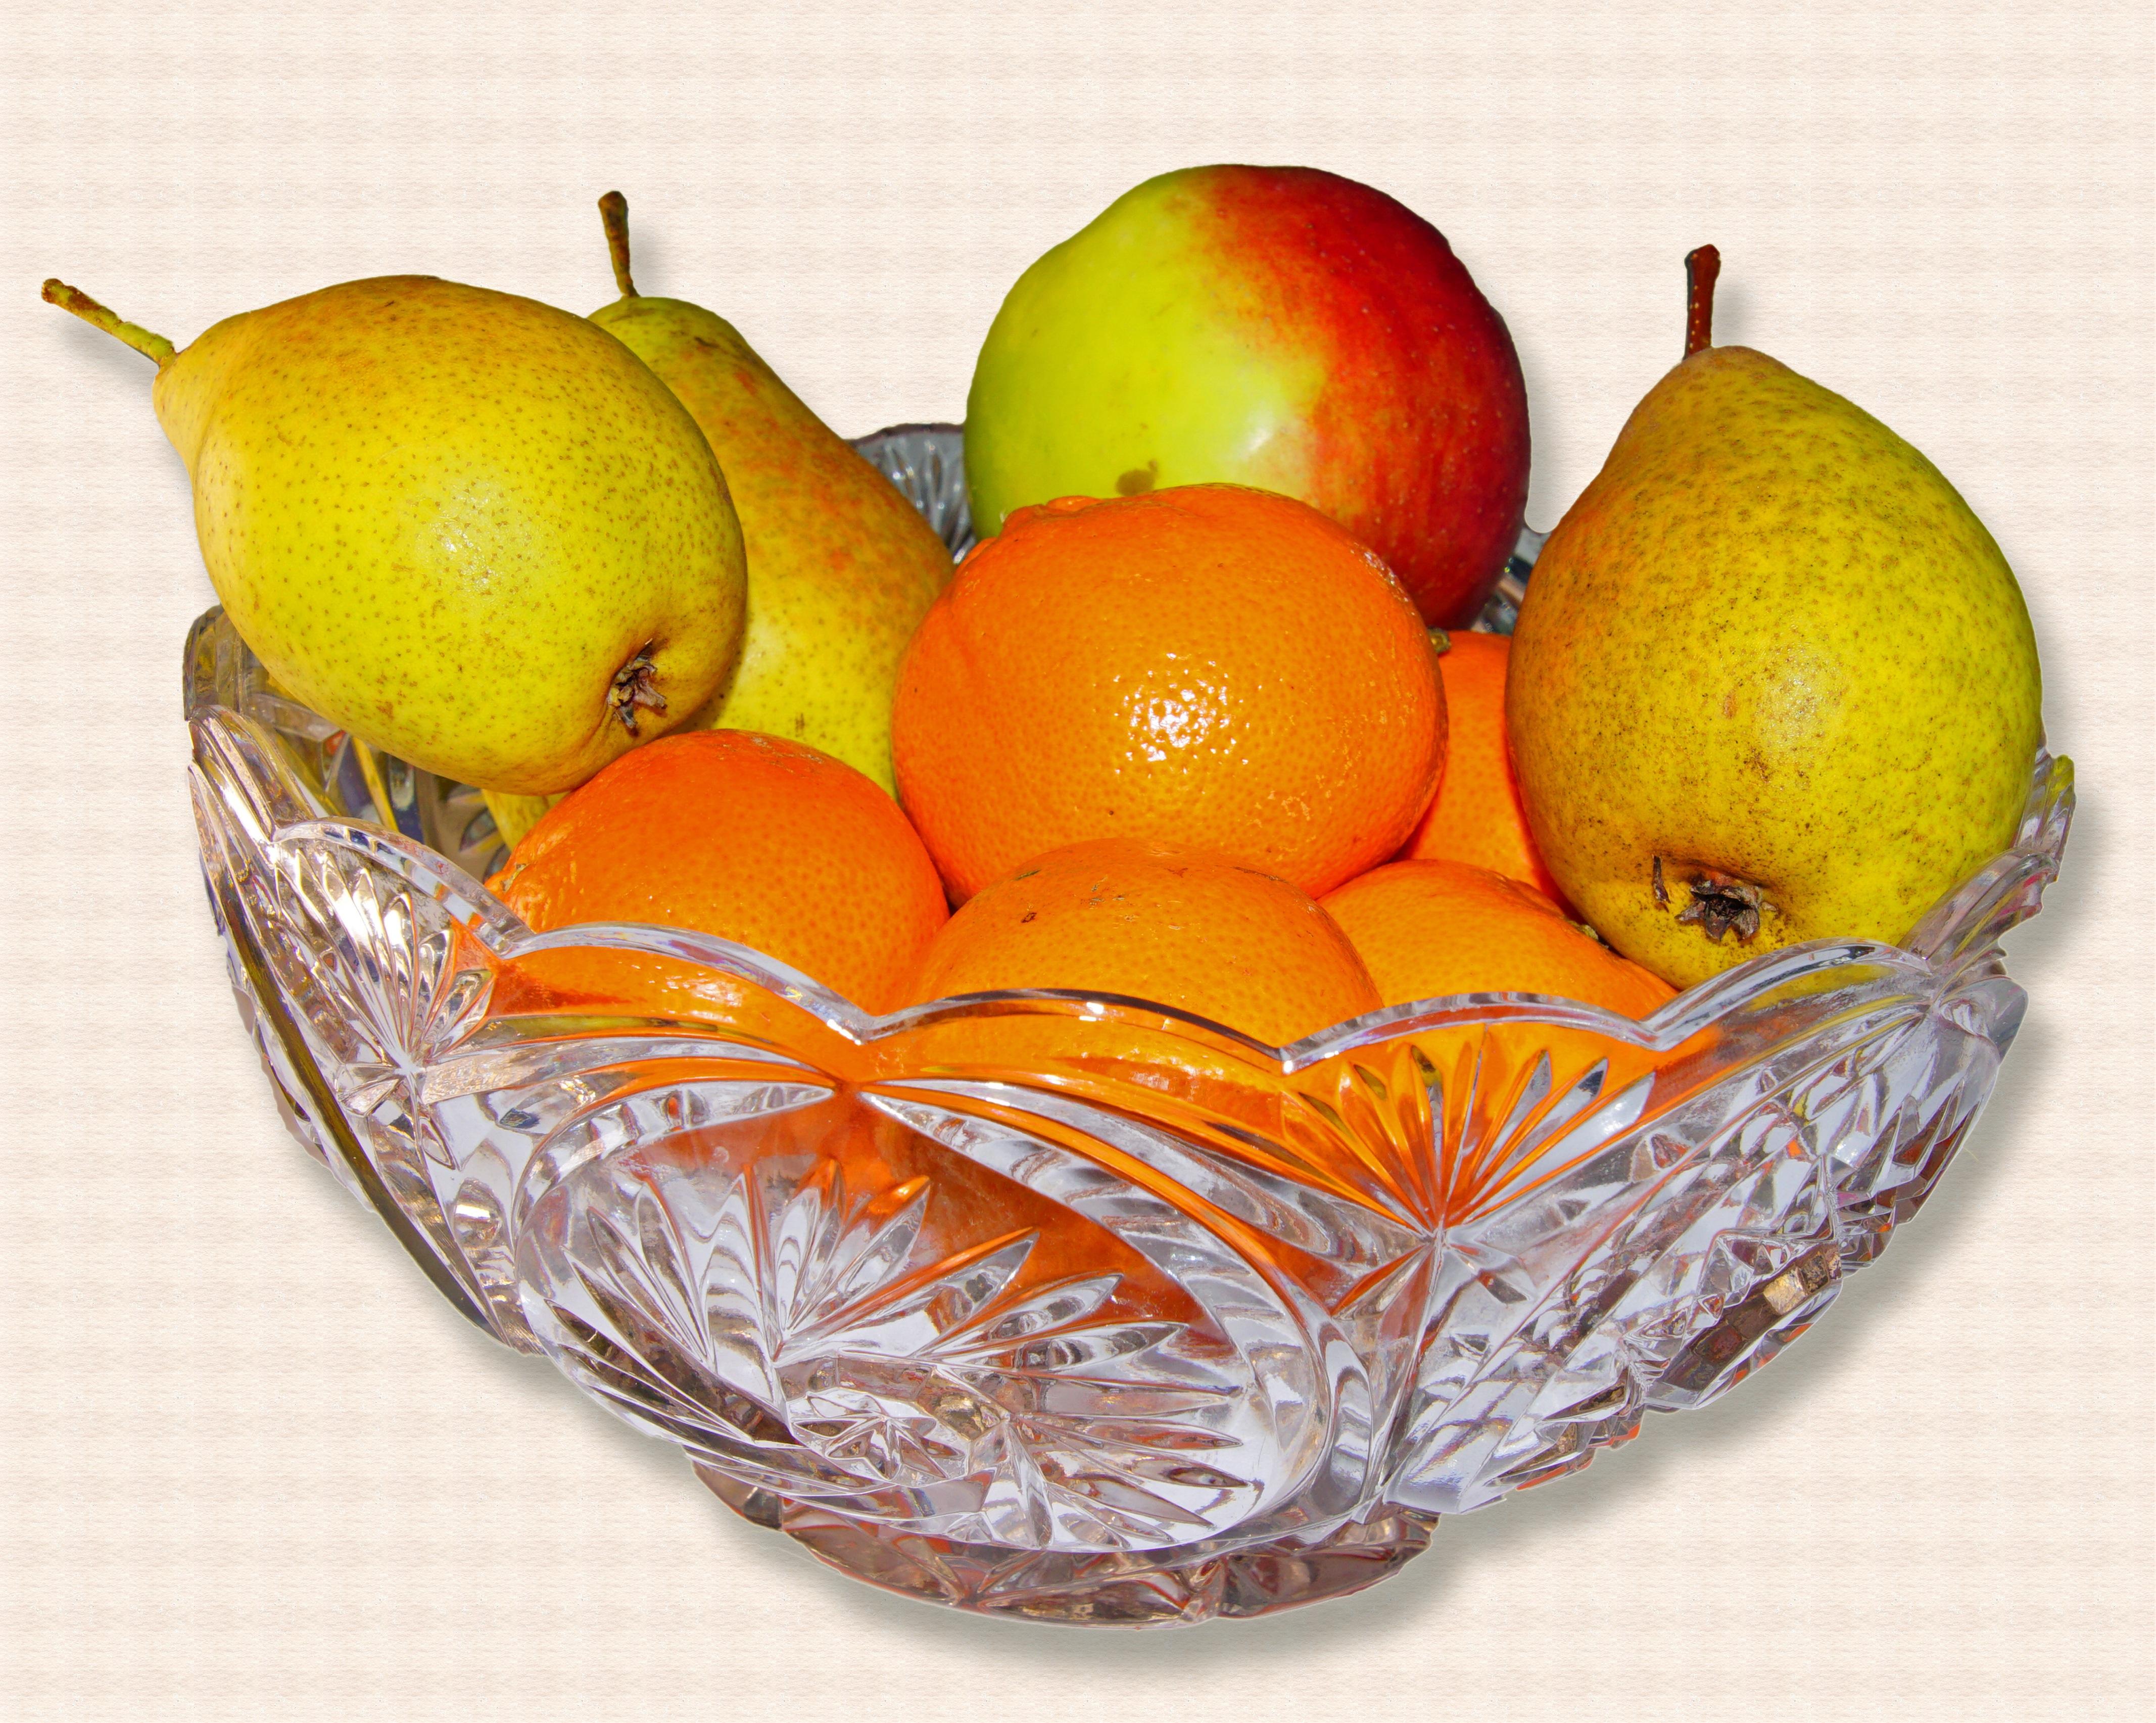 картинка апельсина и яблоками вам